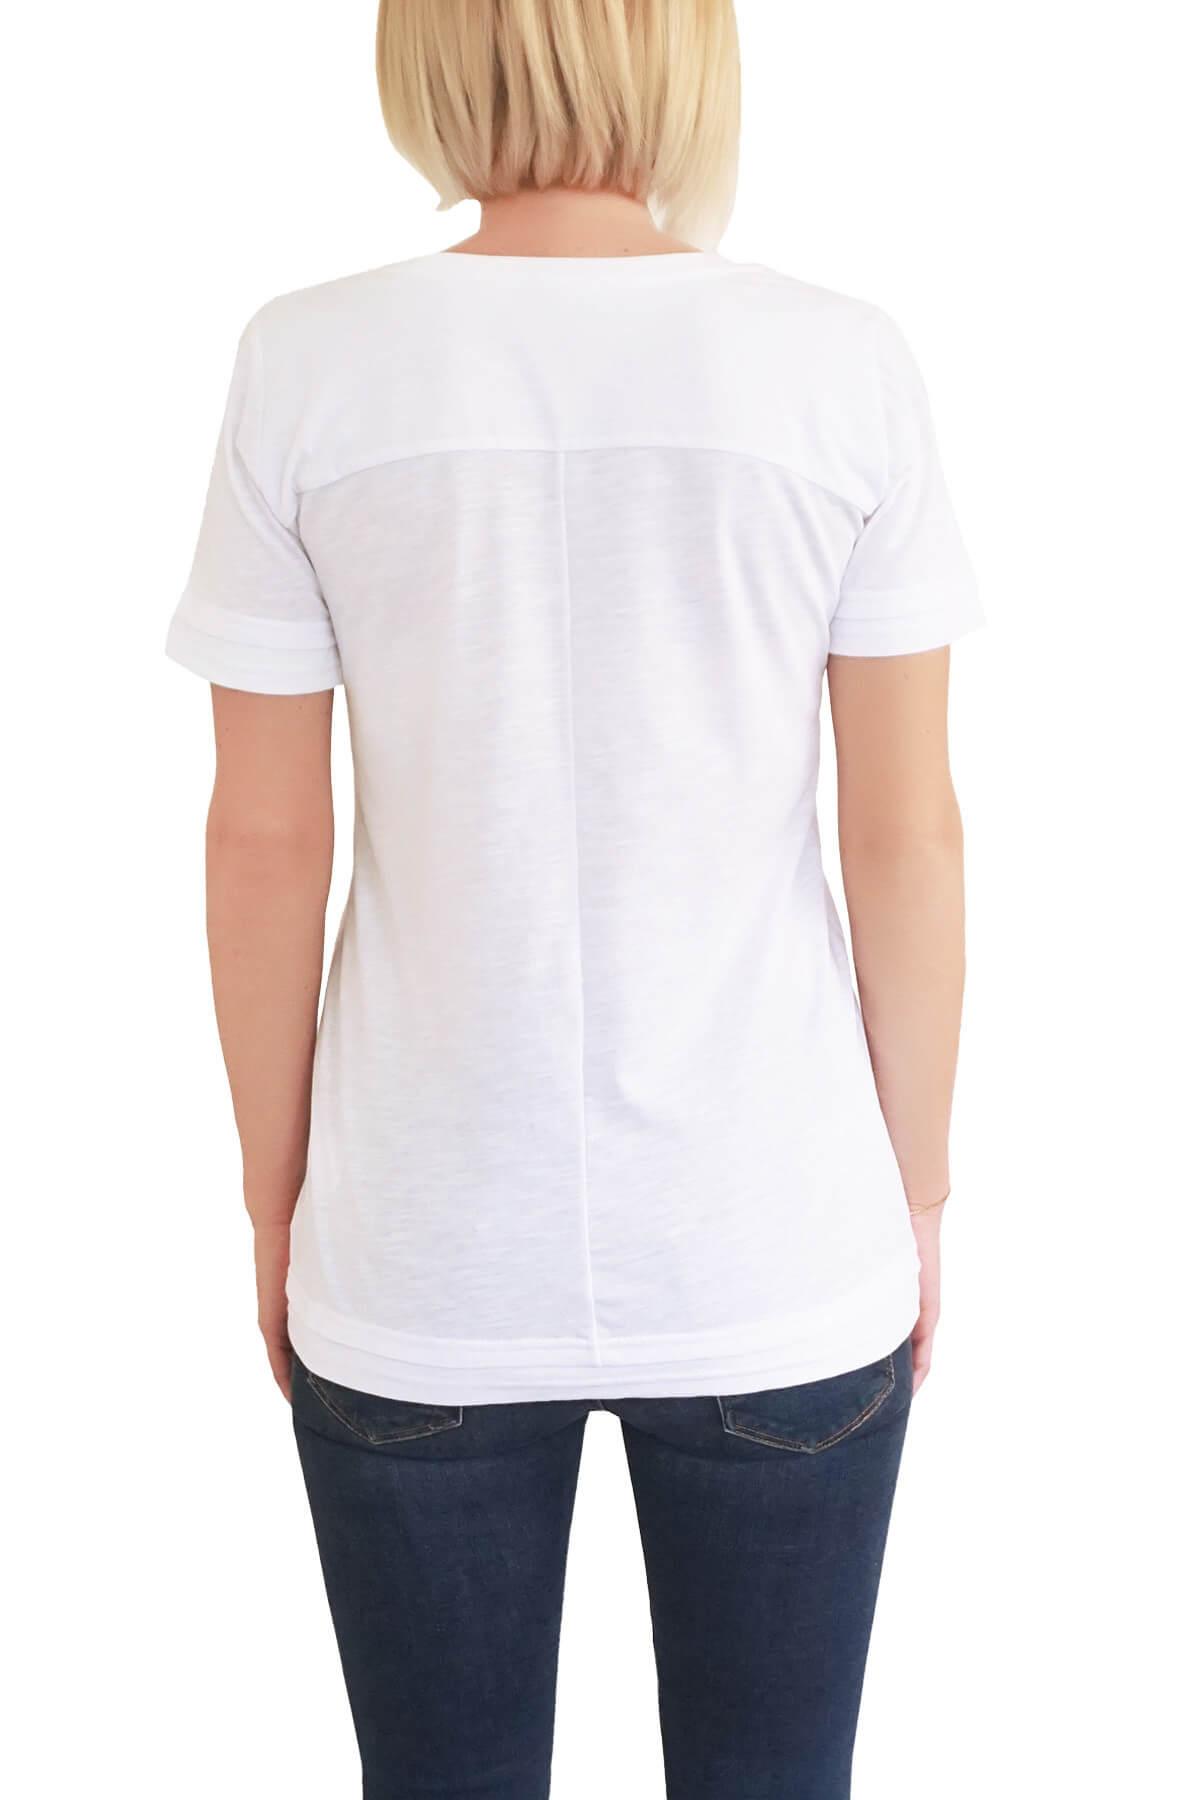 MOF Kadın Beyaz T-Shirt DVYT-B 2